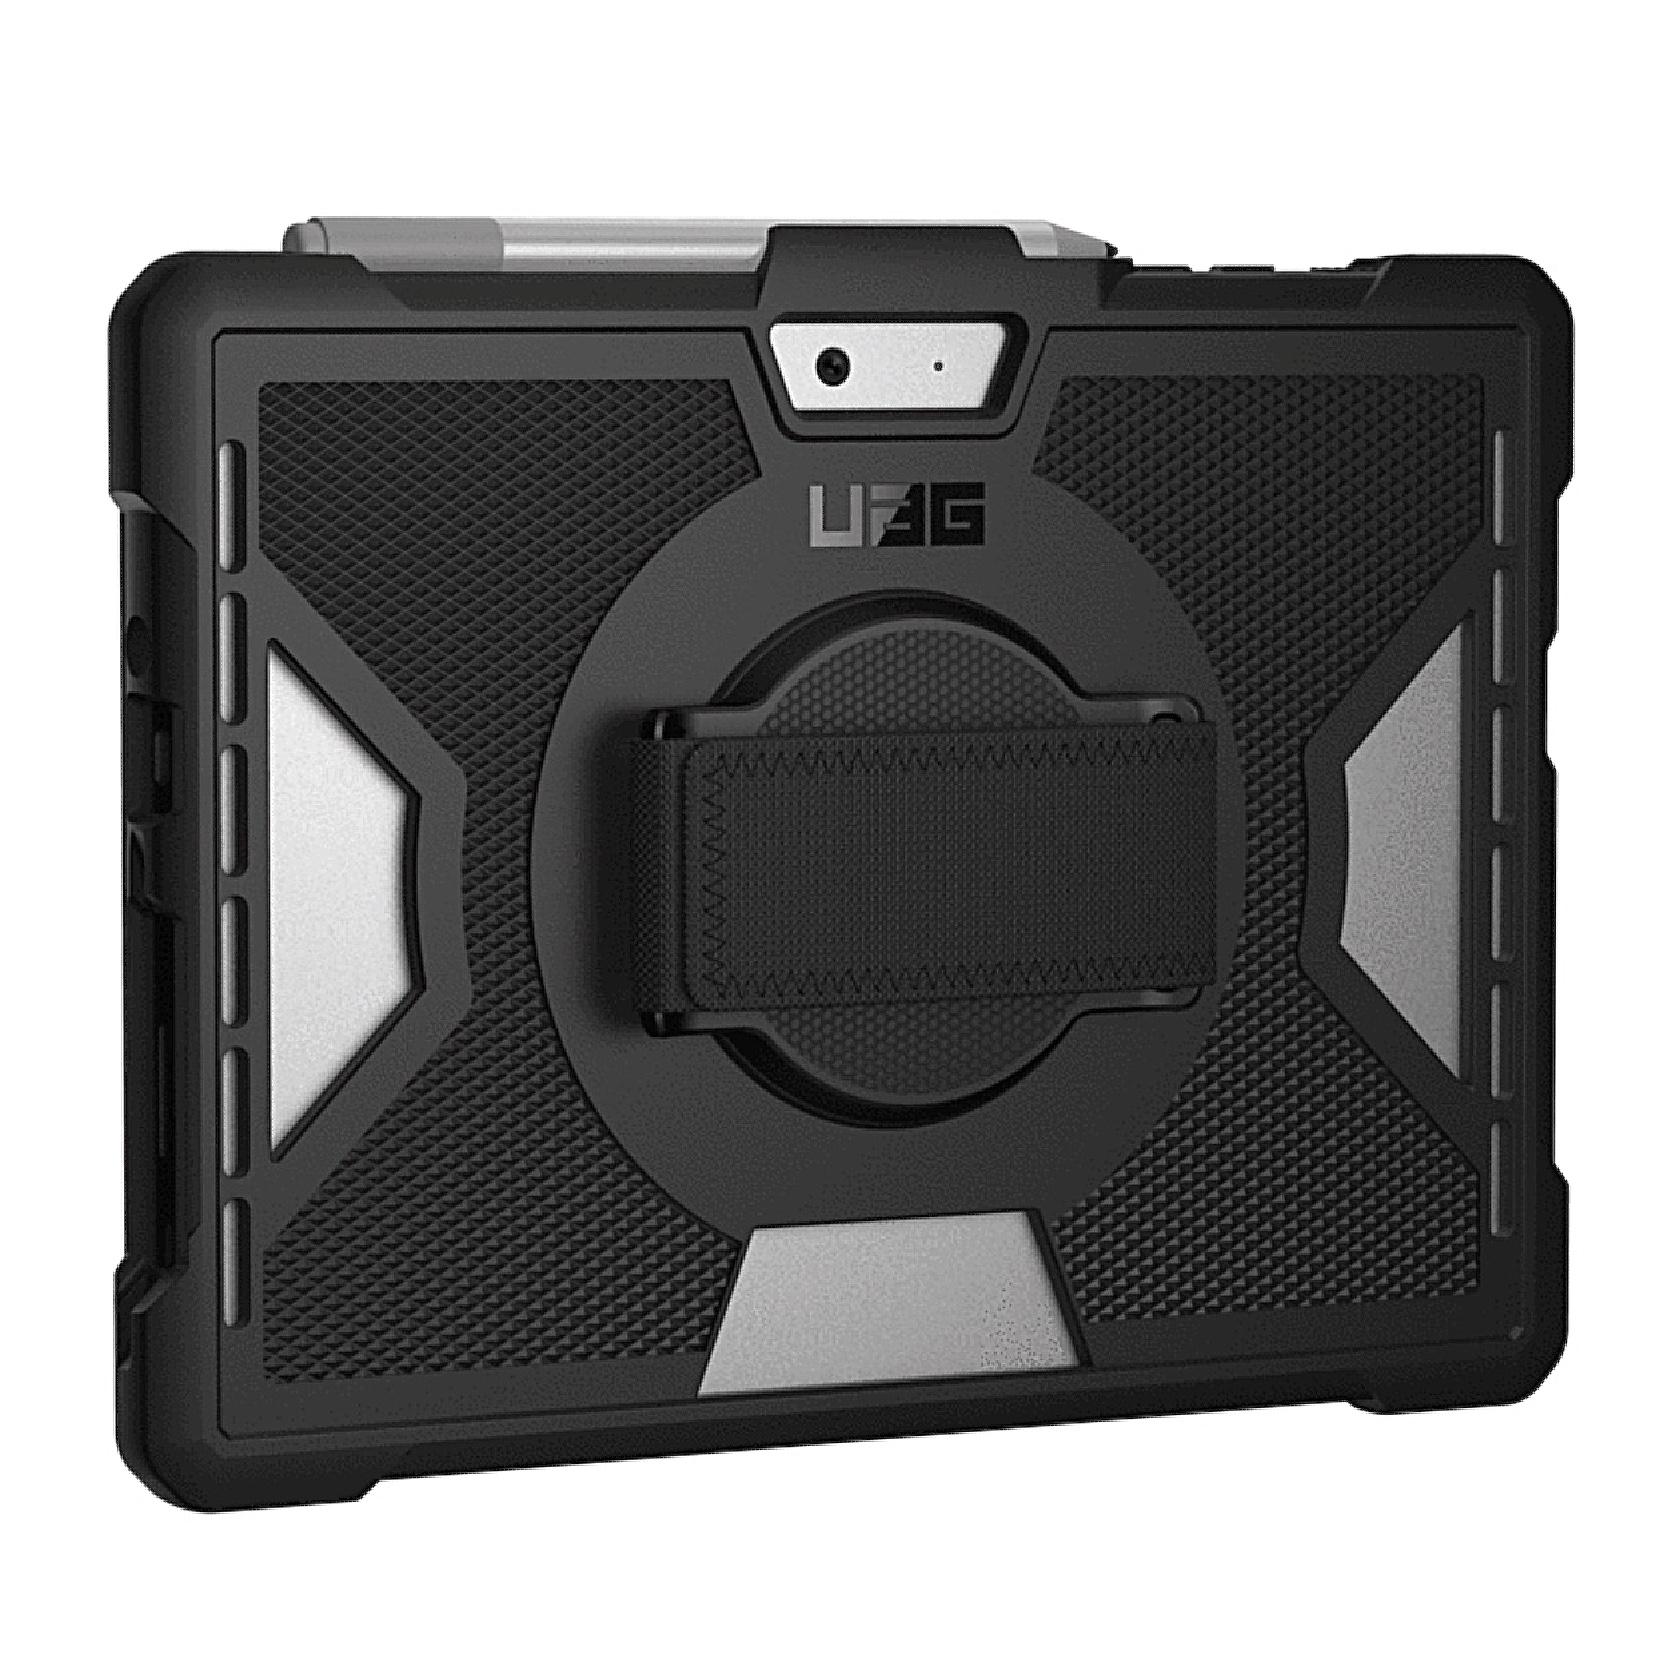 Pack 2 en 1 Coque renforcee avec sangle main Bulk et Verre de protection ecran Surface PRO 7 12.3p